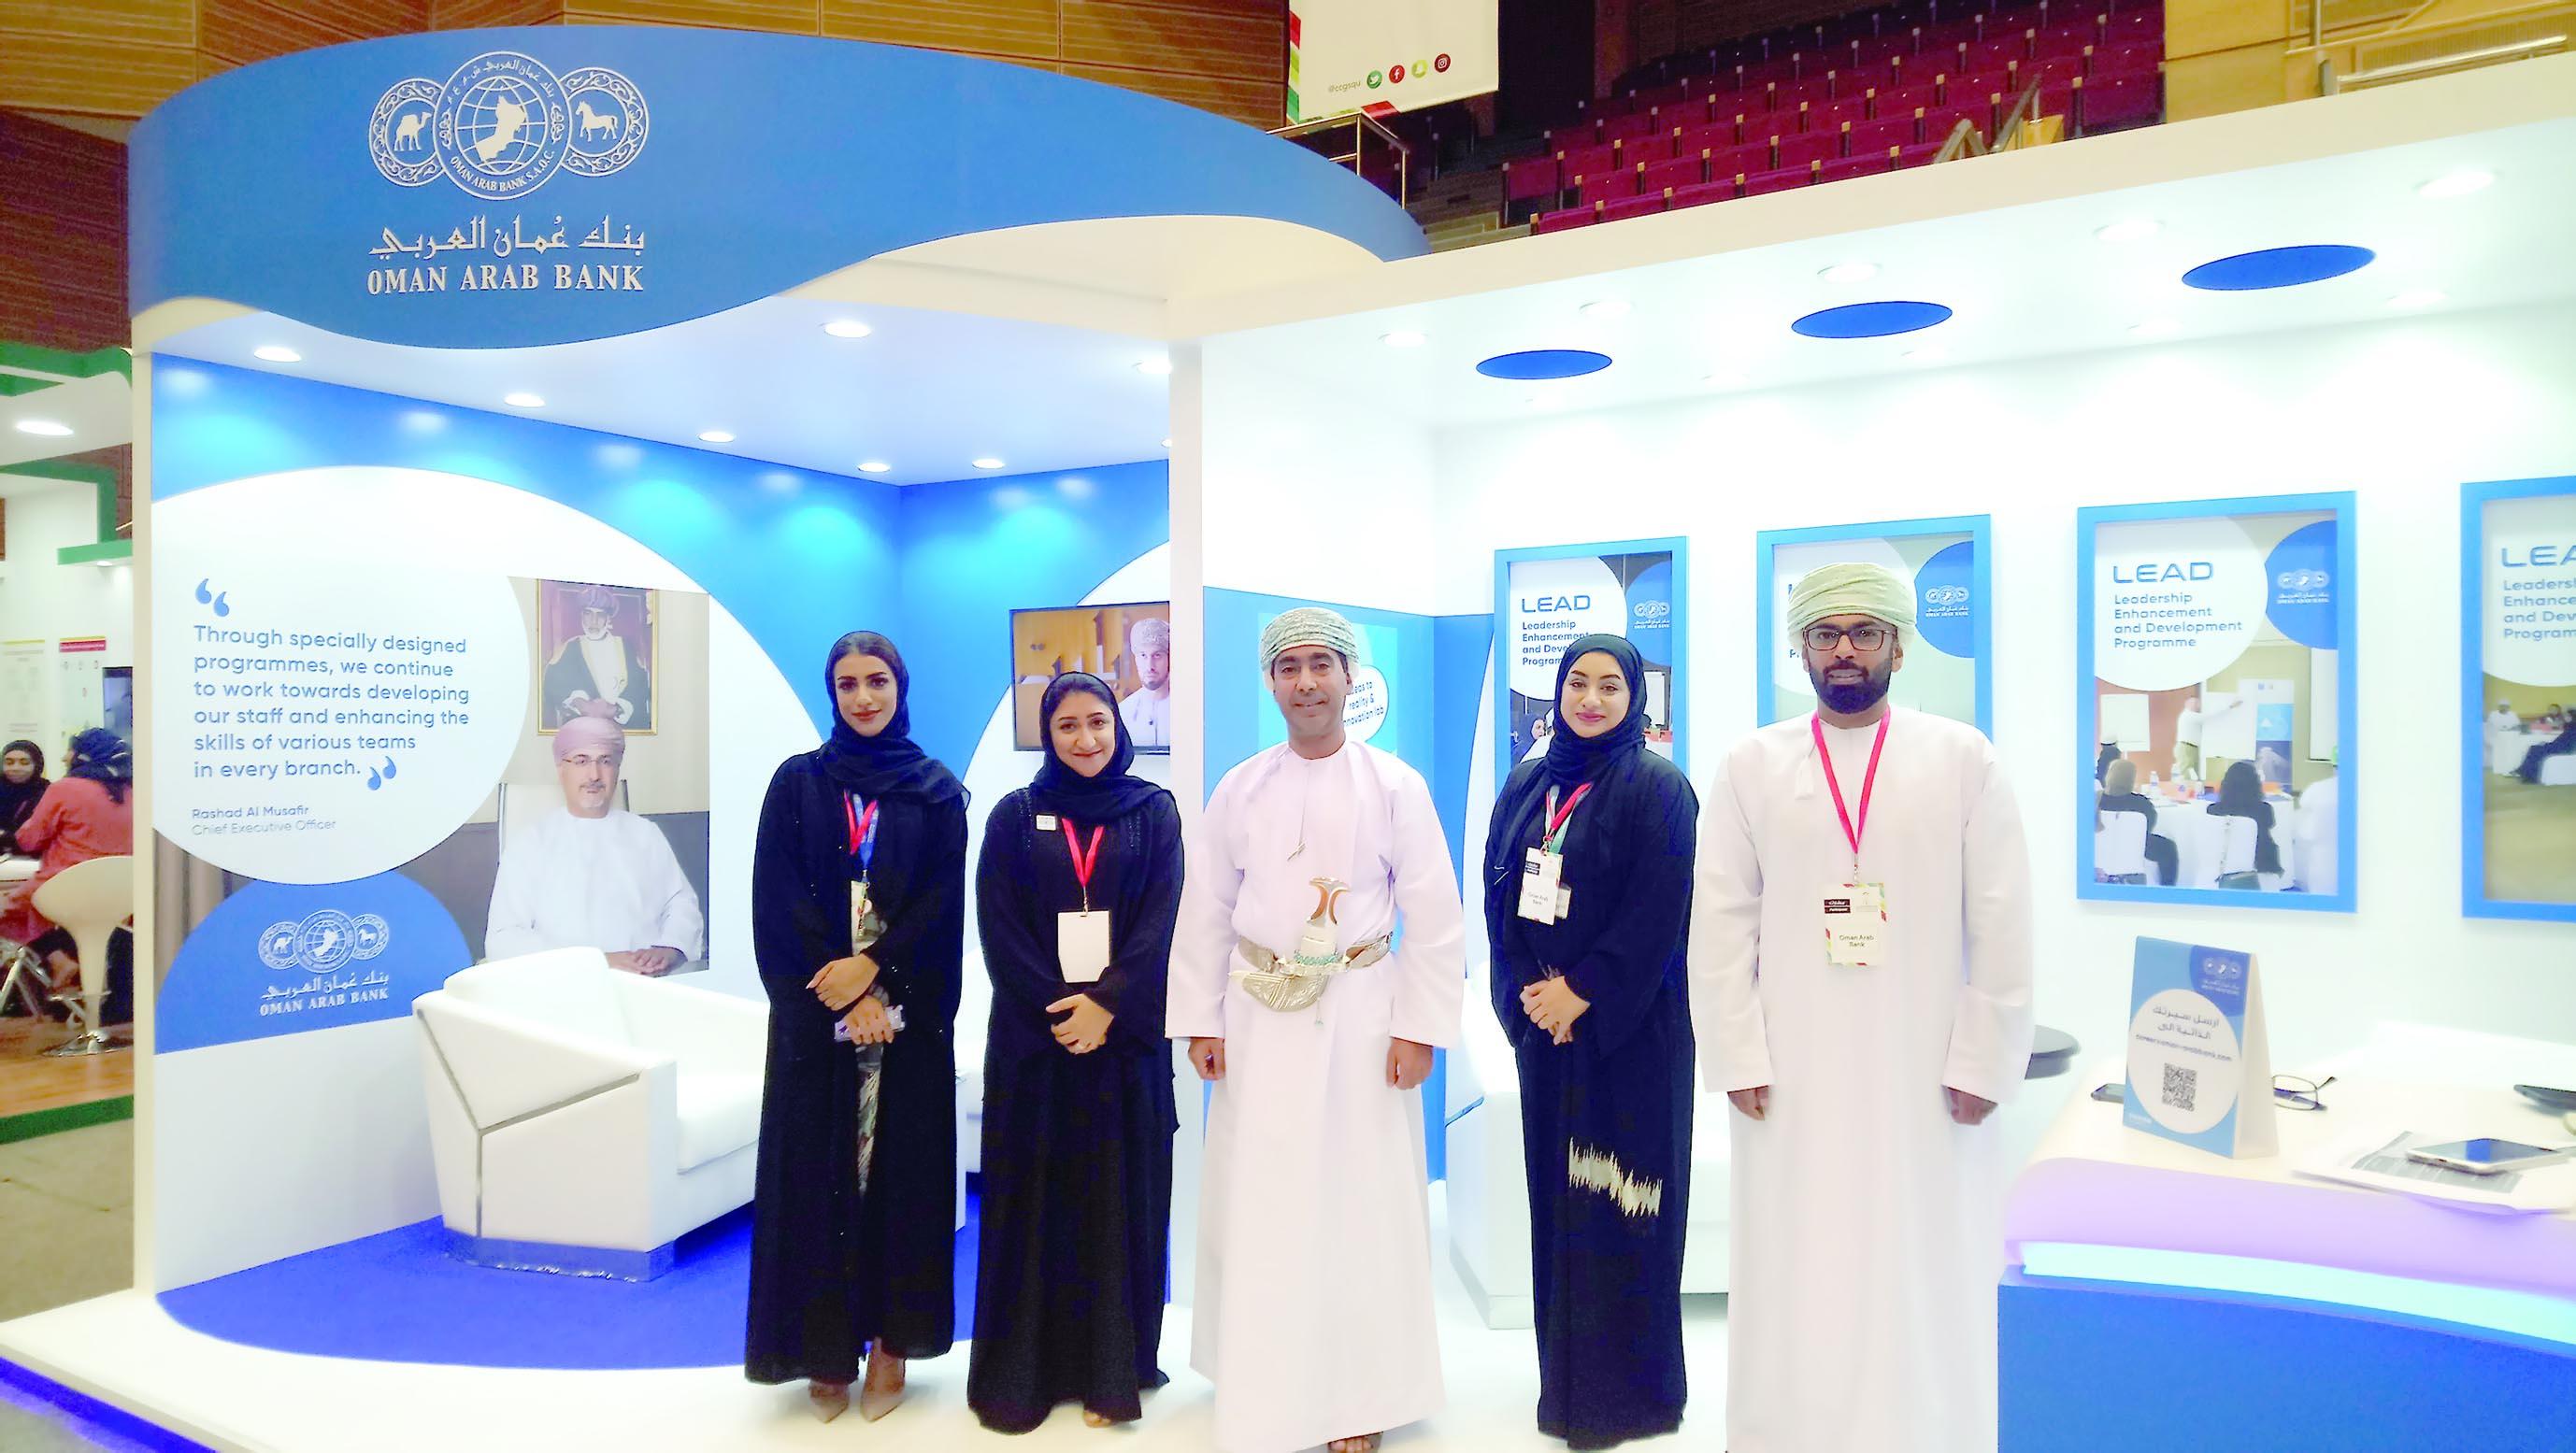 بنك عمان العربي يشارك في معرض فرص العمل والتدريب